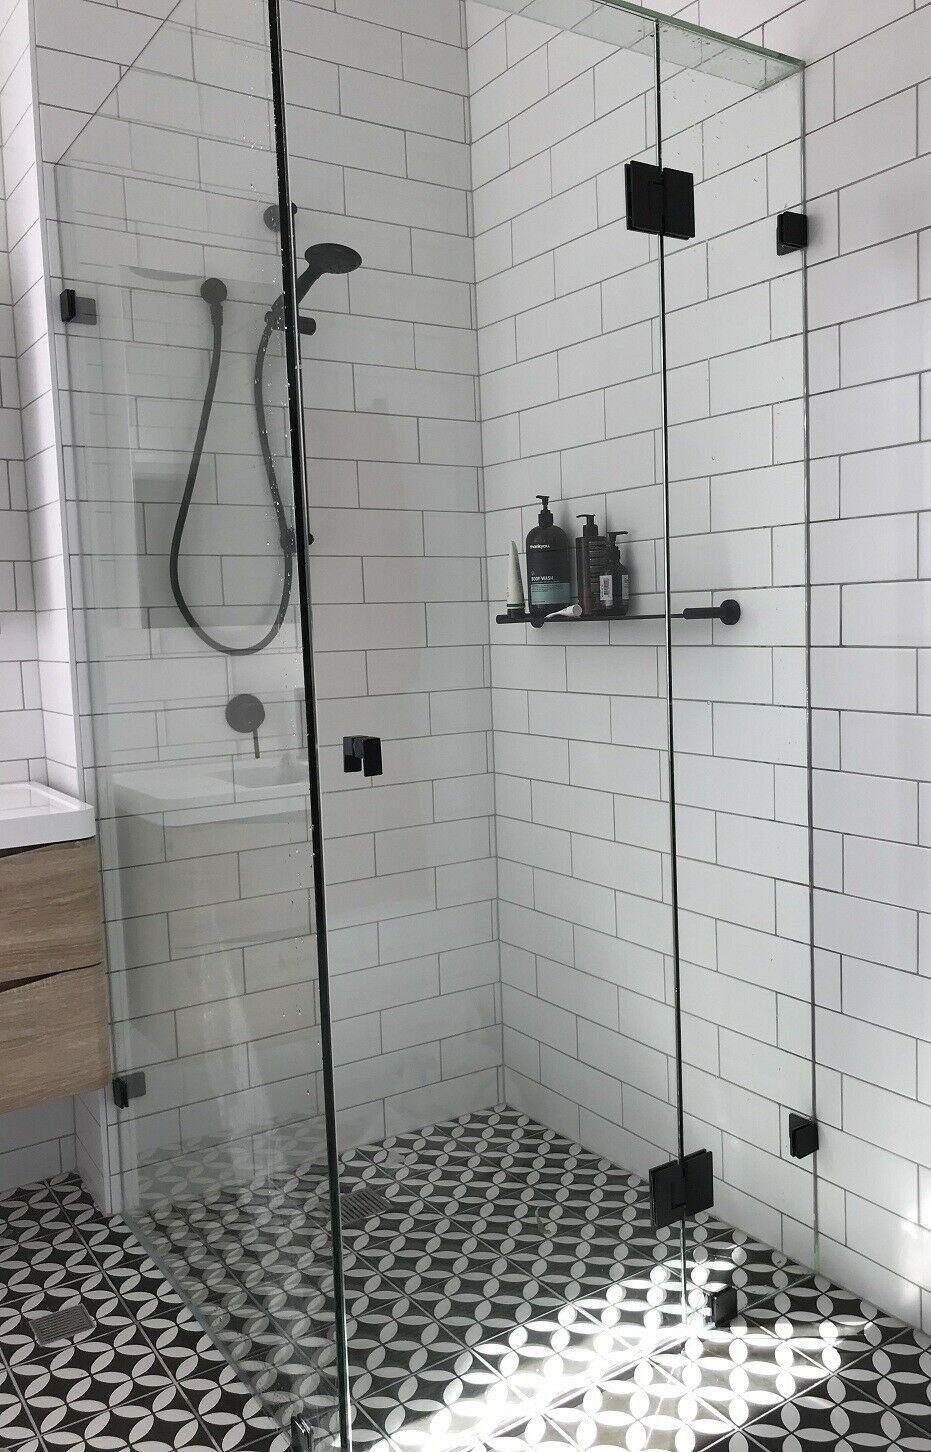 Square Frameless Matt Black Shower Screens Toughen Glass Ebay 1000 In 2020 Bathroom Remodel Shower Bathroom Shower Design Glass Shower